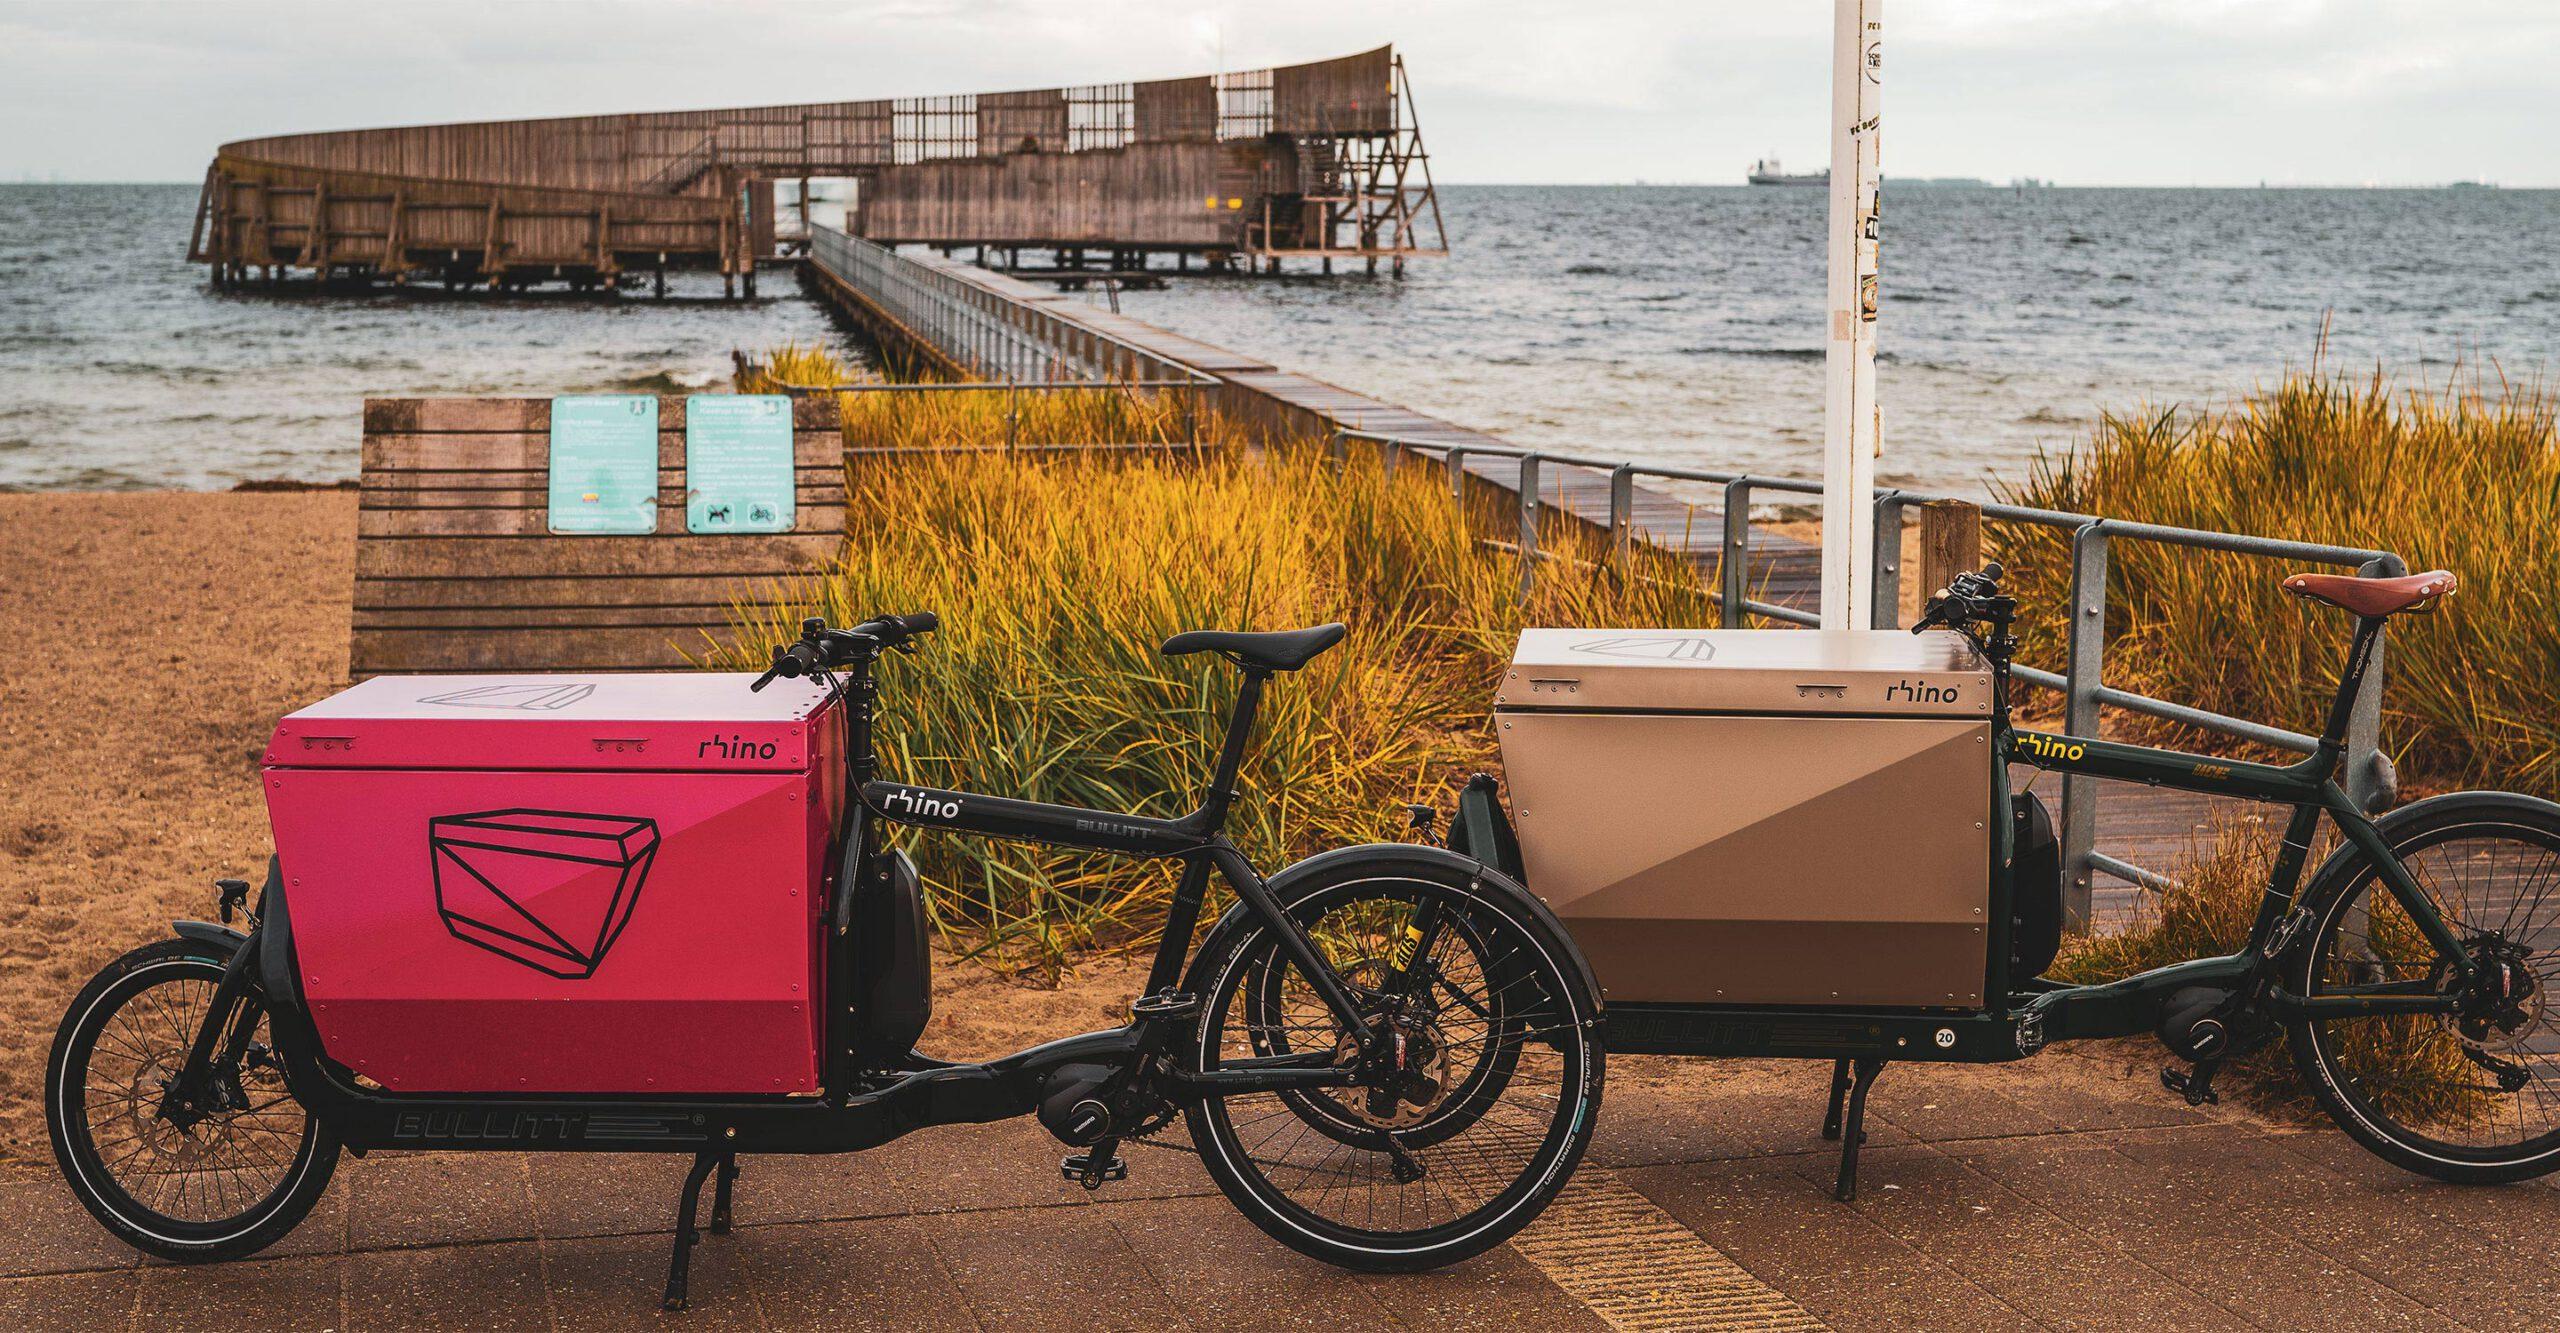 rhino – Aufbauten und Transportboxen für Lastenräder